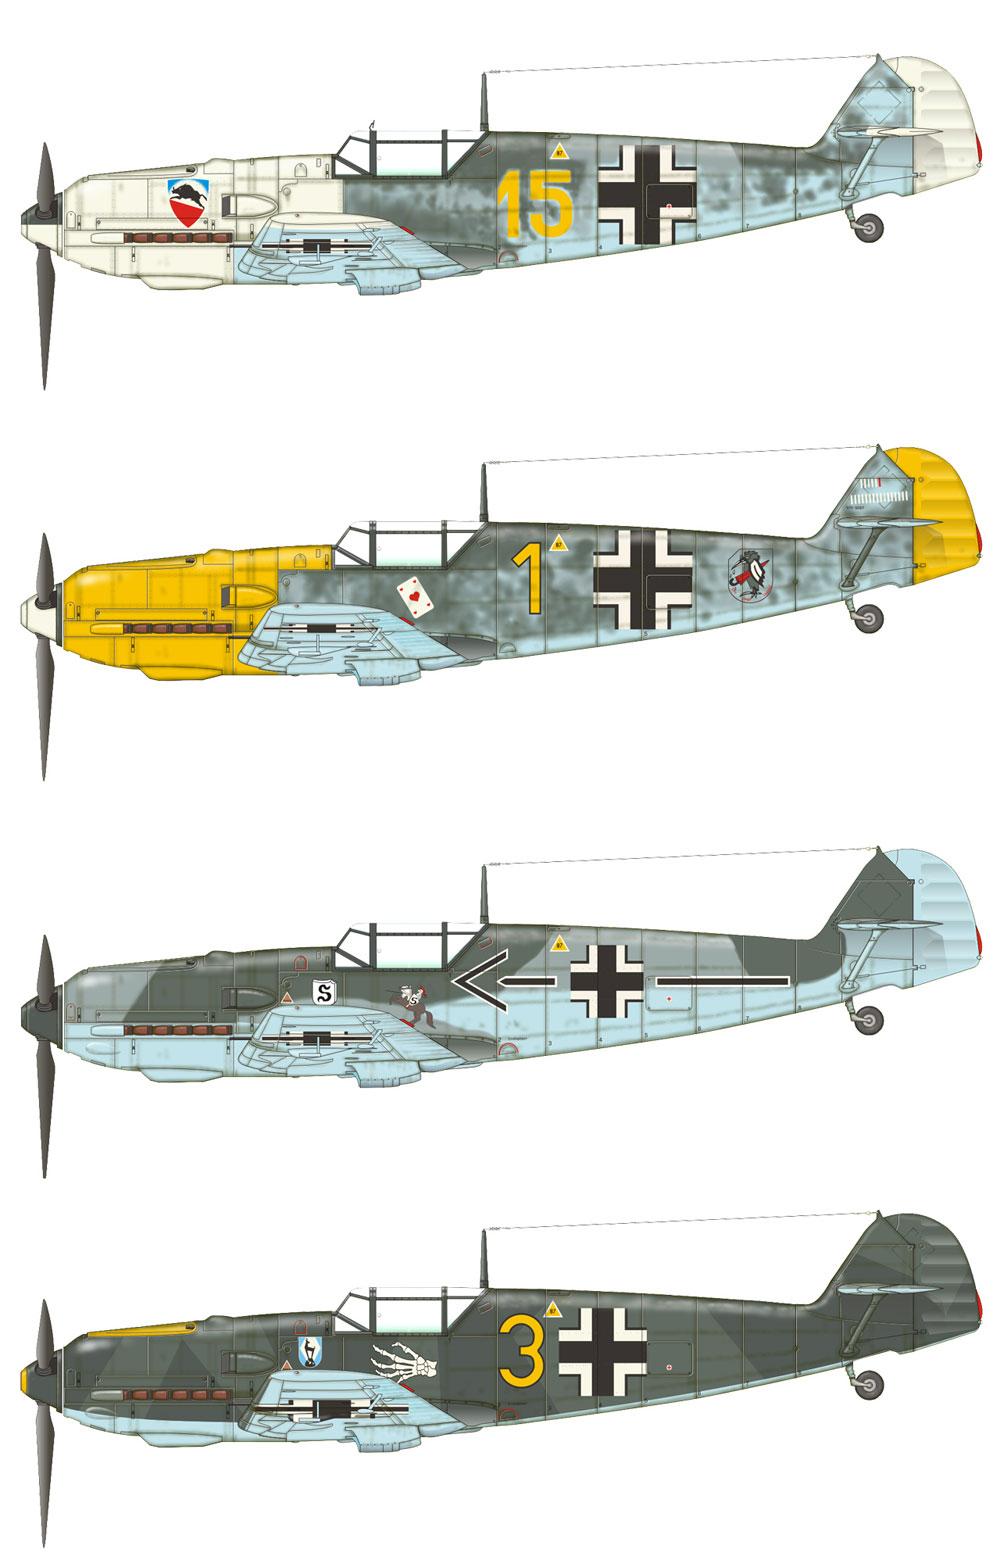 メッサーシュミット Bf109E-3プラモデル(エデュアルド1/48 プロフィパックNo.8262)商品画像_3